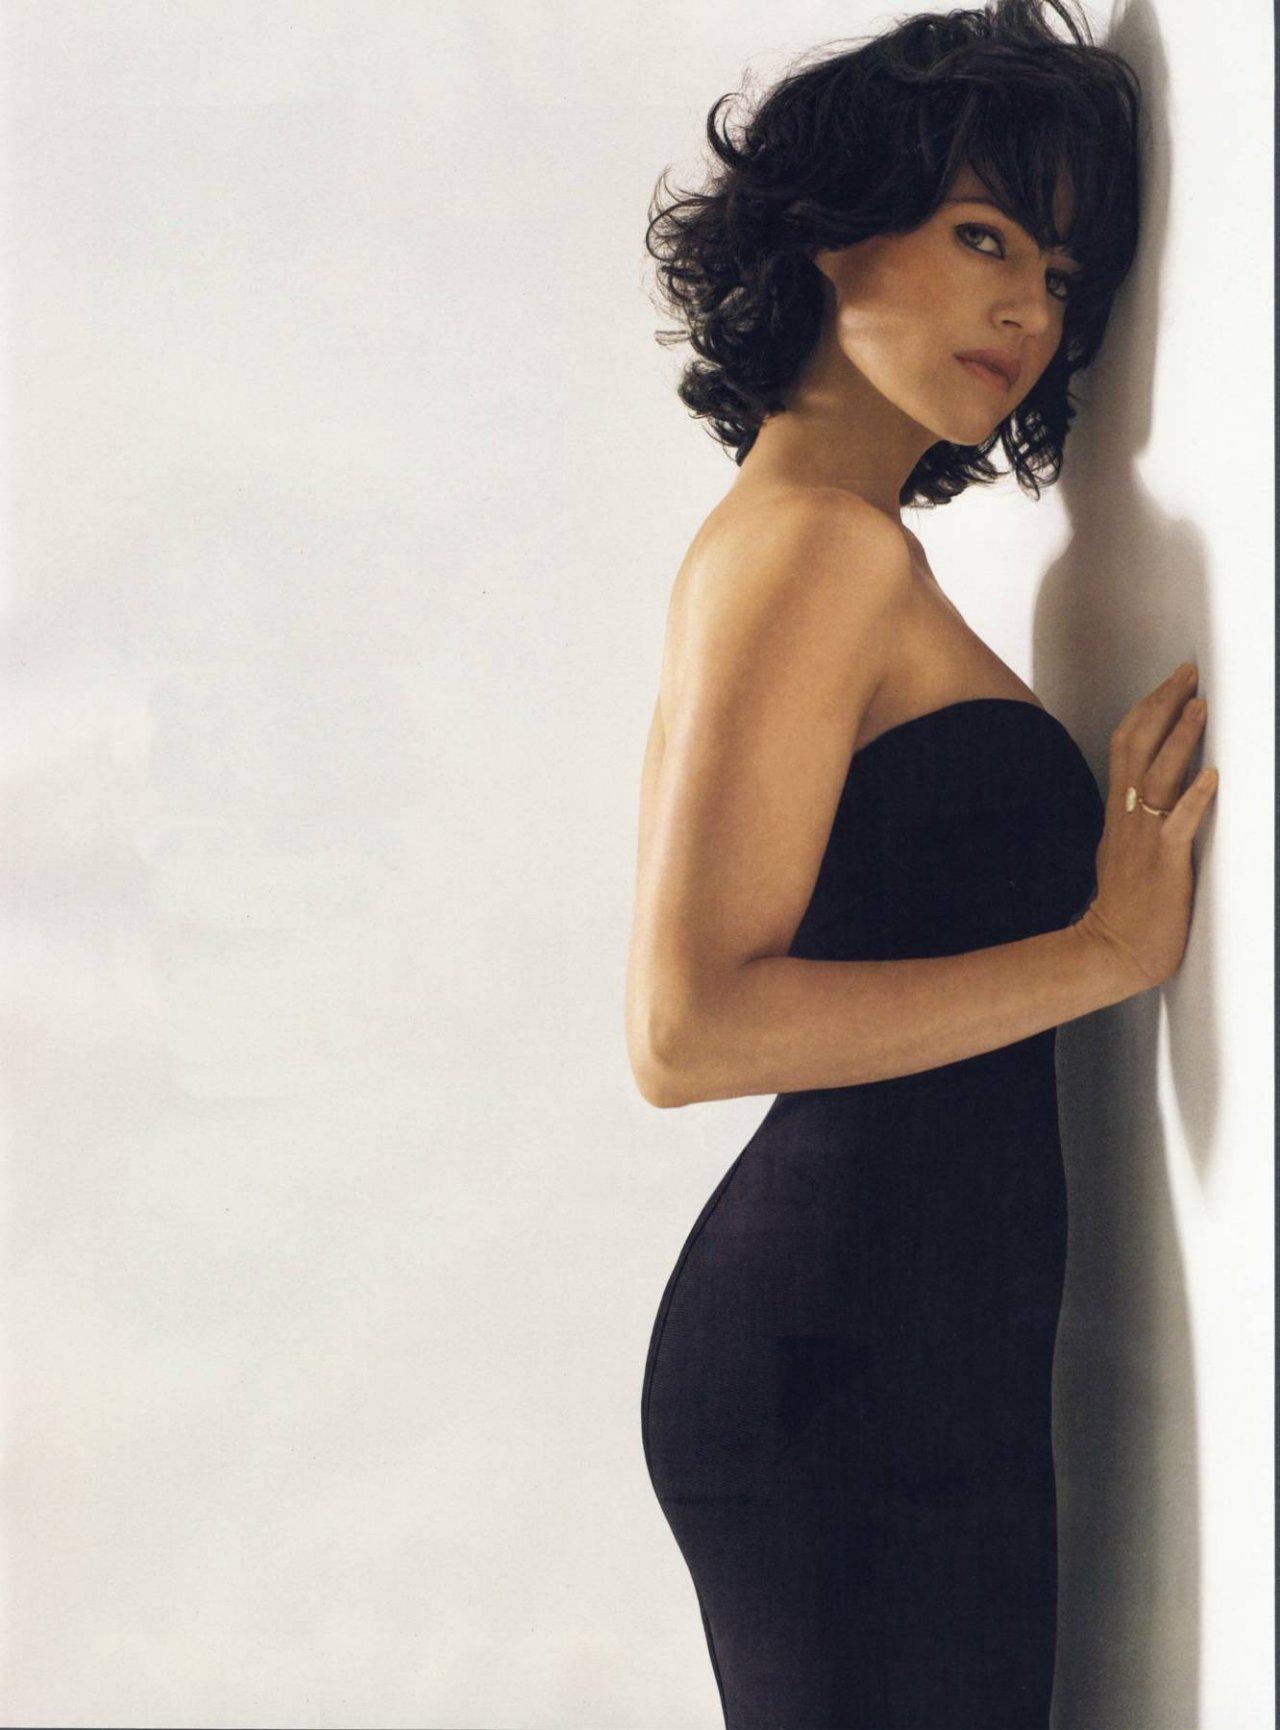 Carla Gugino Hot Photo Shoot Sheclick Com